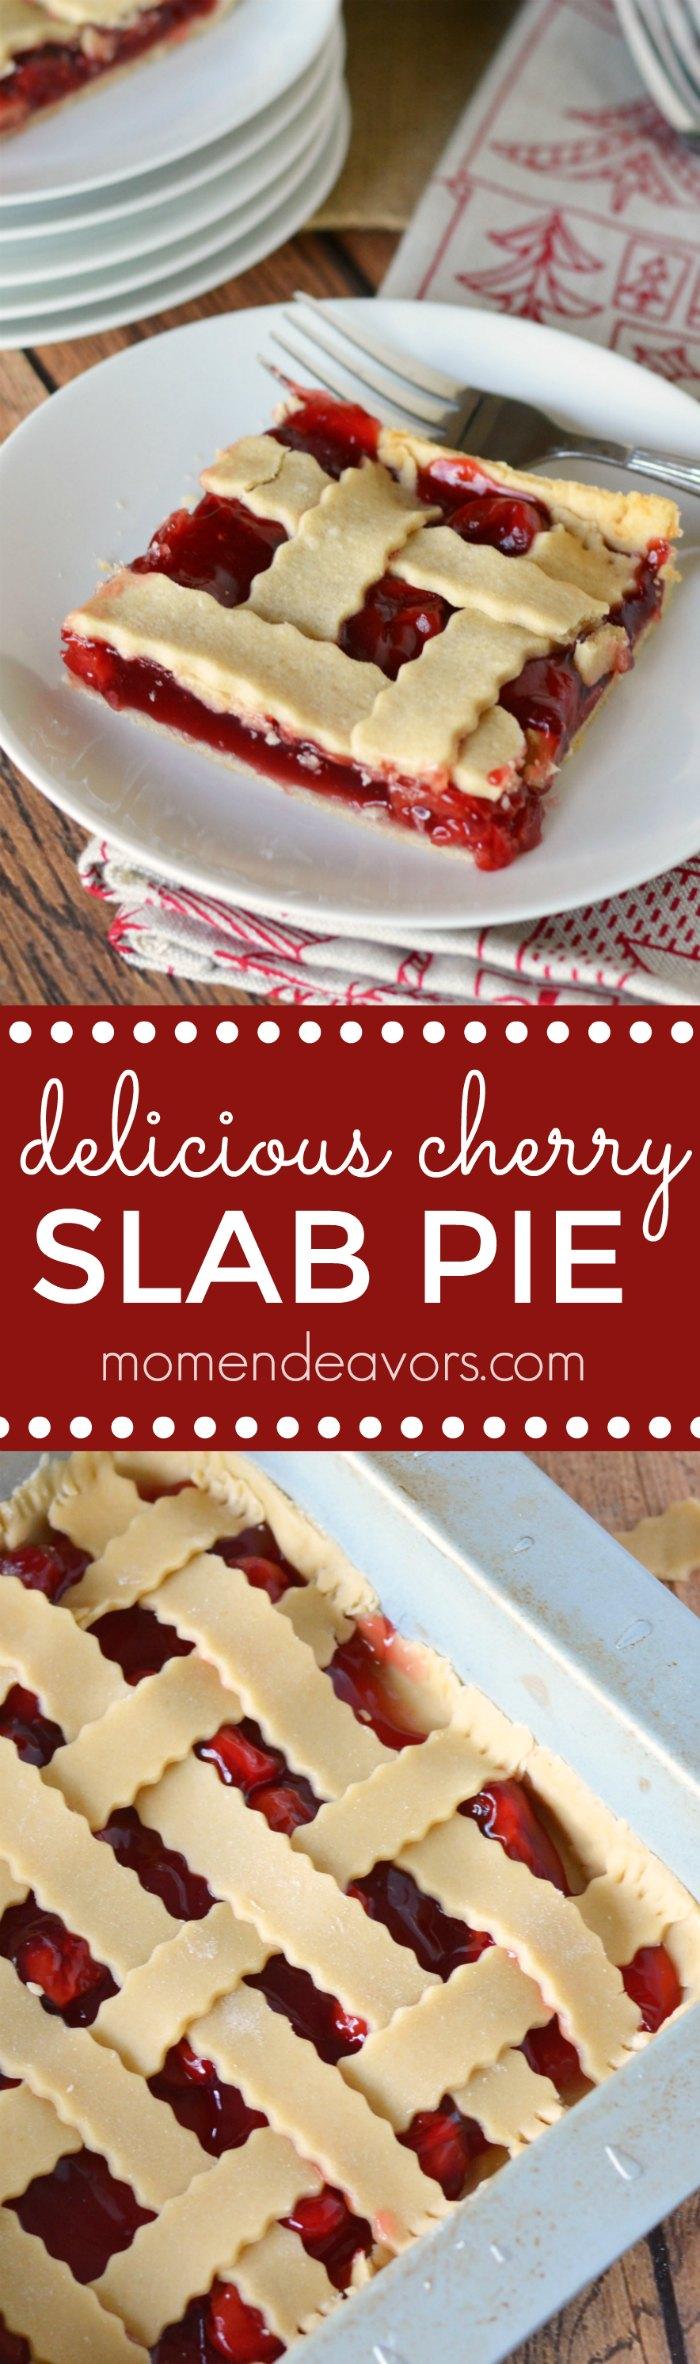 Delicious Cherry Slab Pie